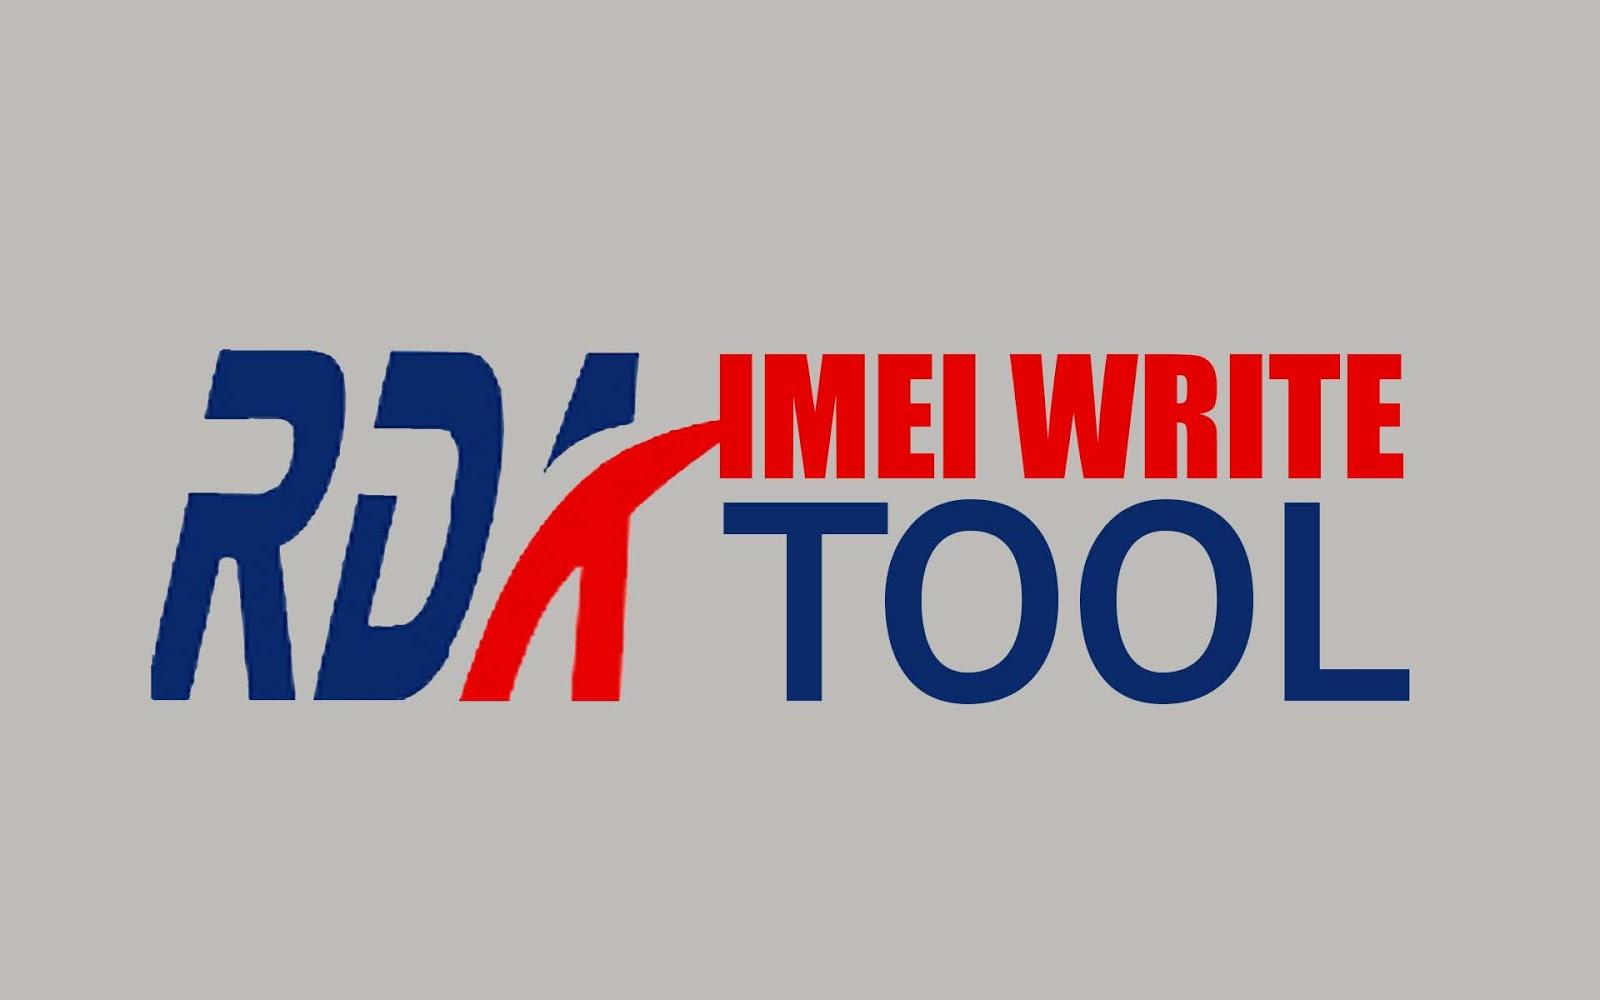 RDA IMEI Write Tool